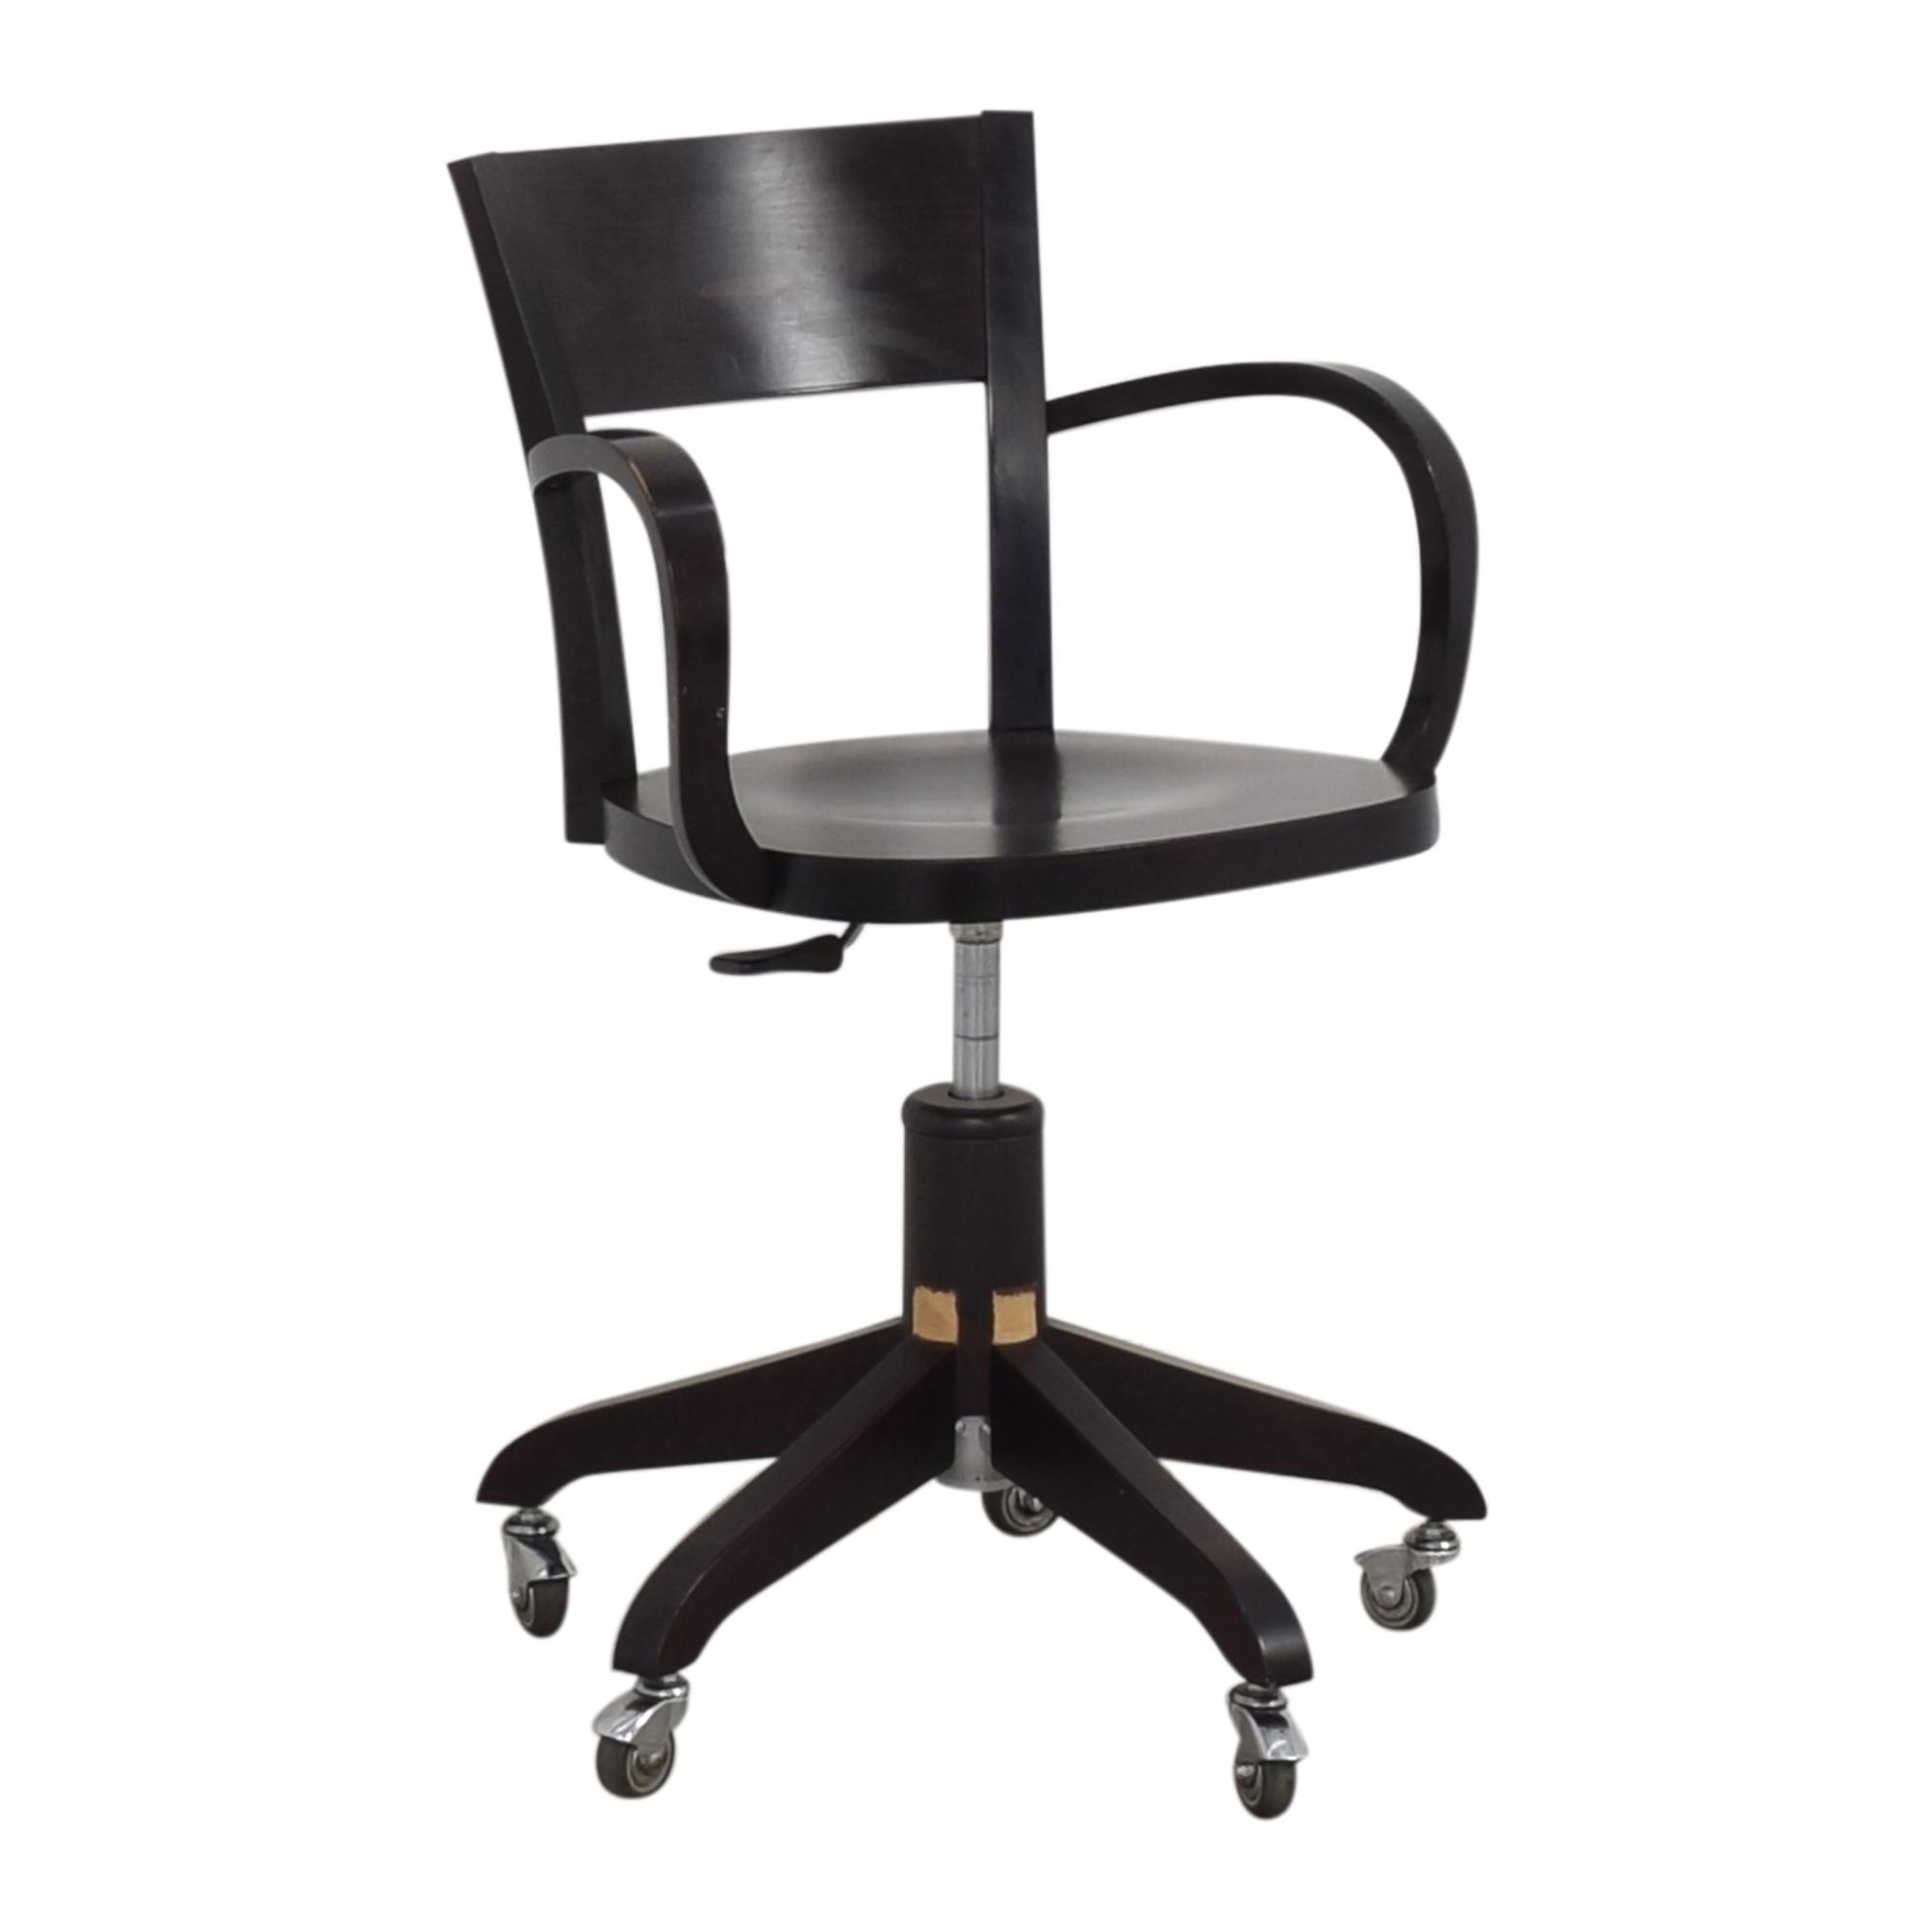 Crate & Barrel Crate & Barrel Swivel Desk Chair nj